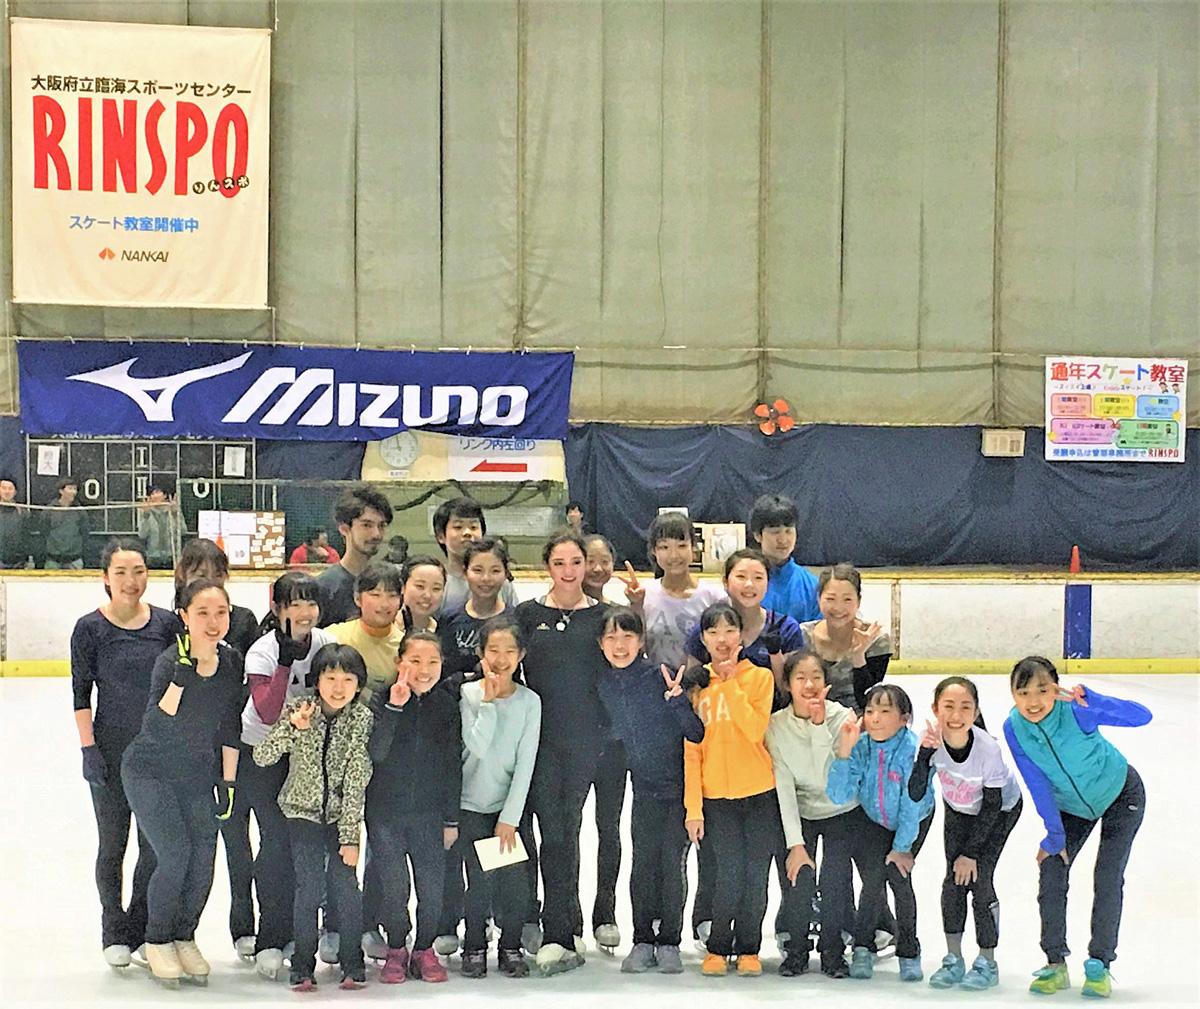 府立 臨海 スポーツ センター 大阪